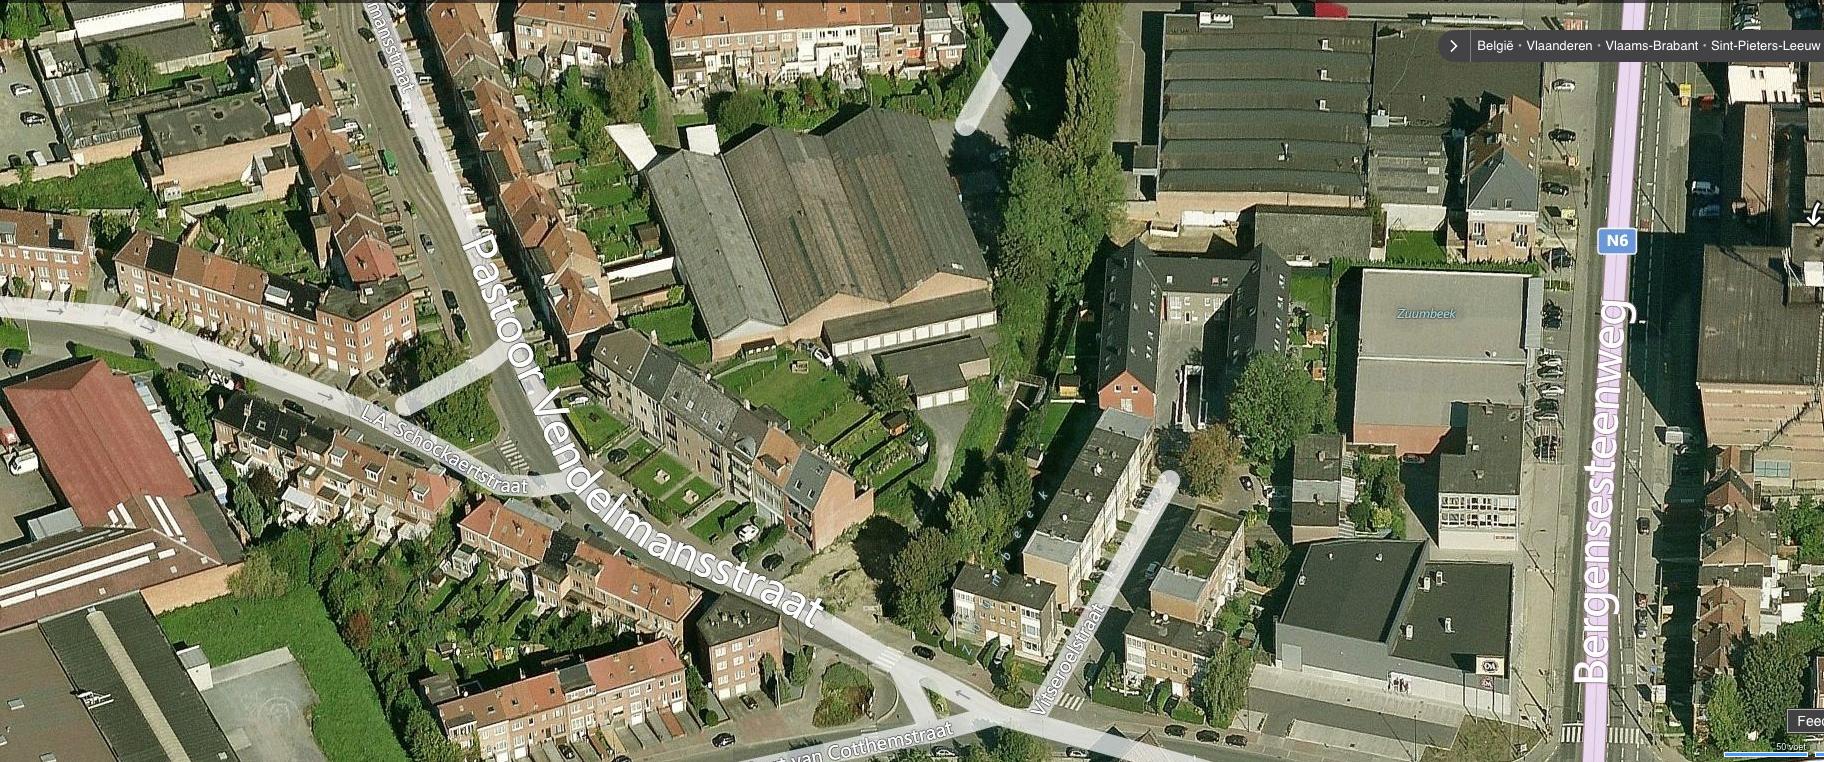 Pastoor Vendelmansstraat 35, 1600 Sint-Pieters-Leeuw